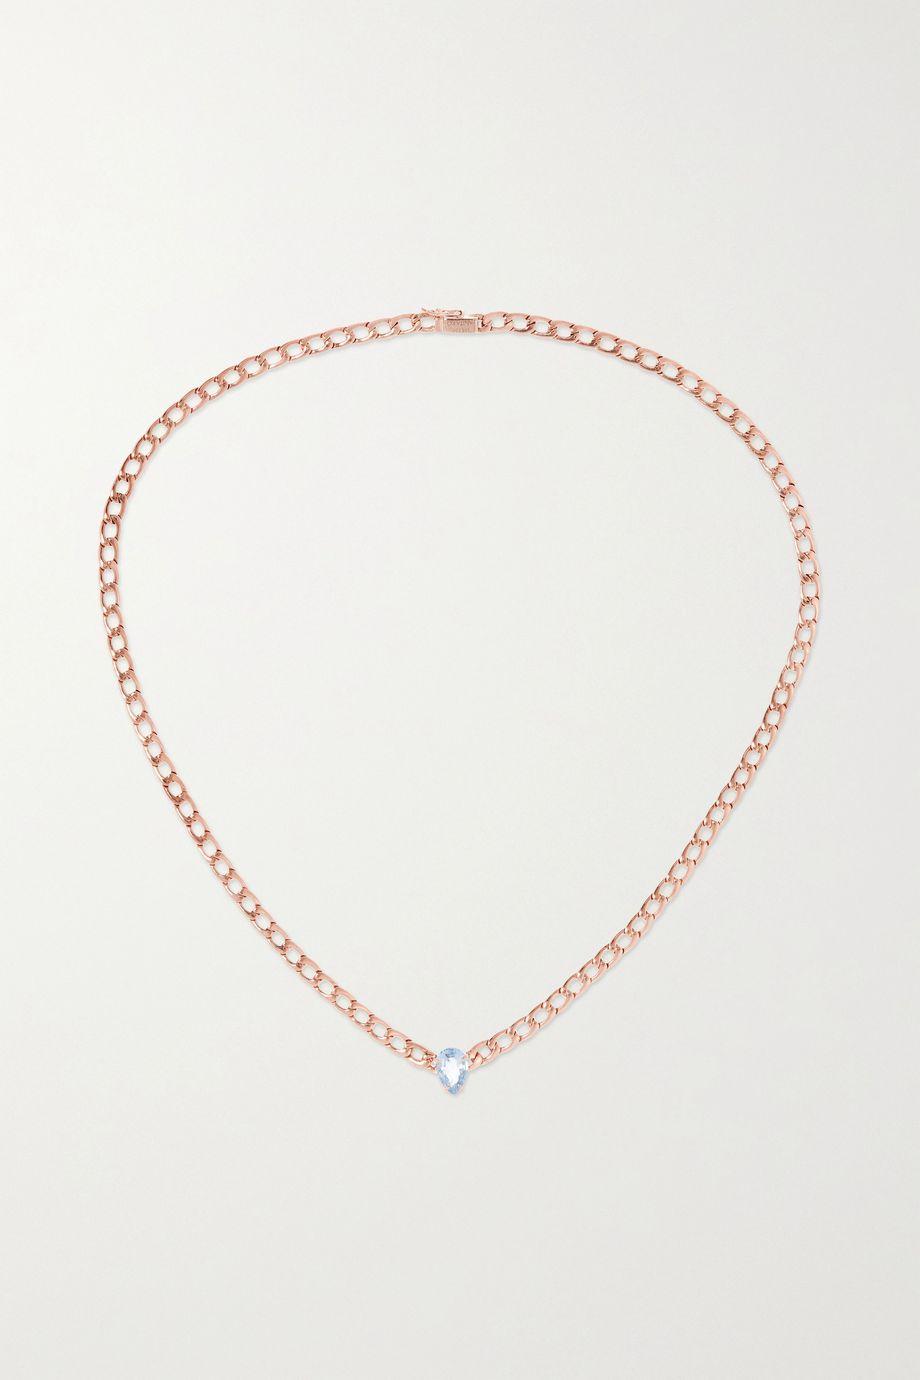 Anita Ko 18-karat rose gold sapphire necklace